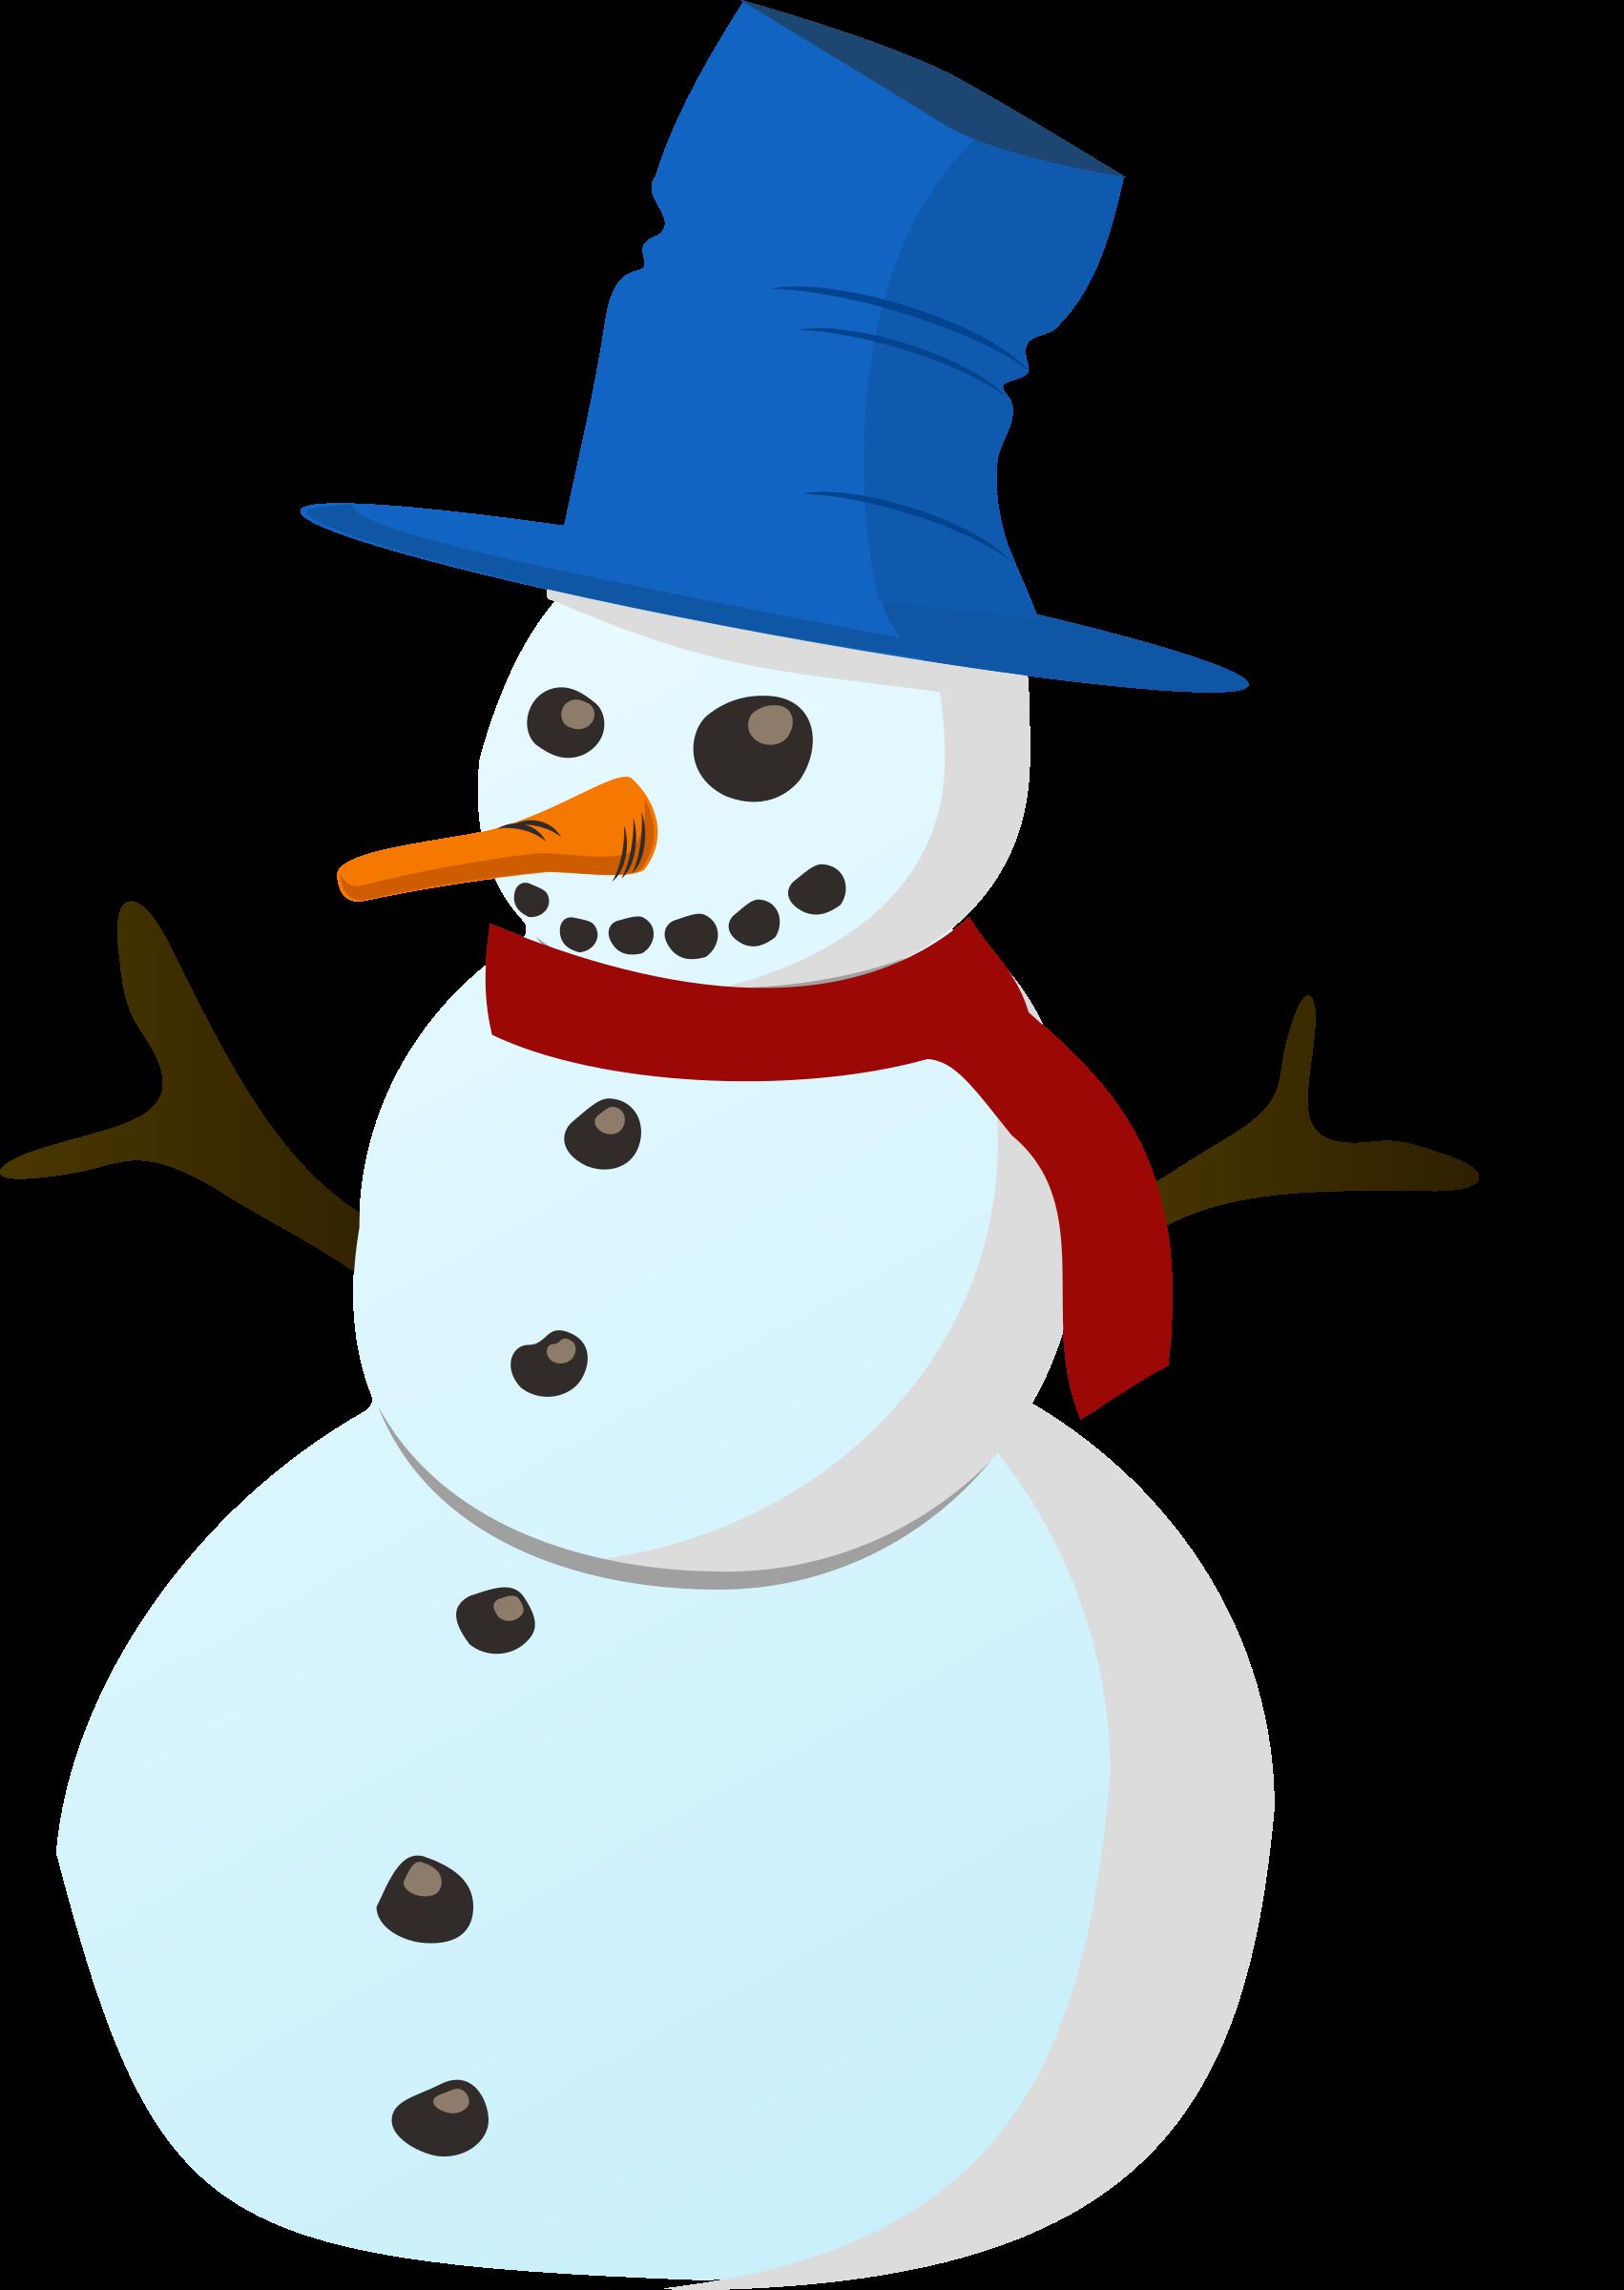 snowman clipart landscape